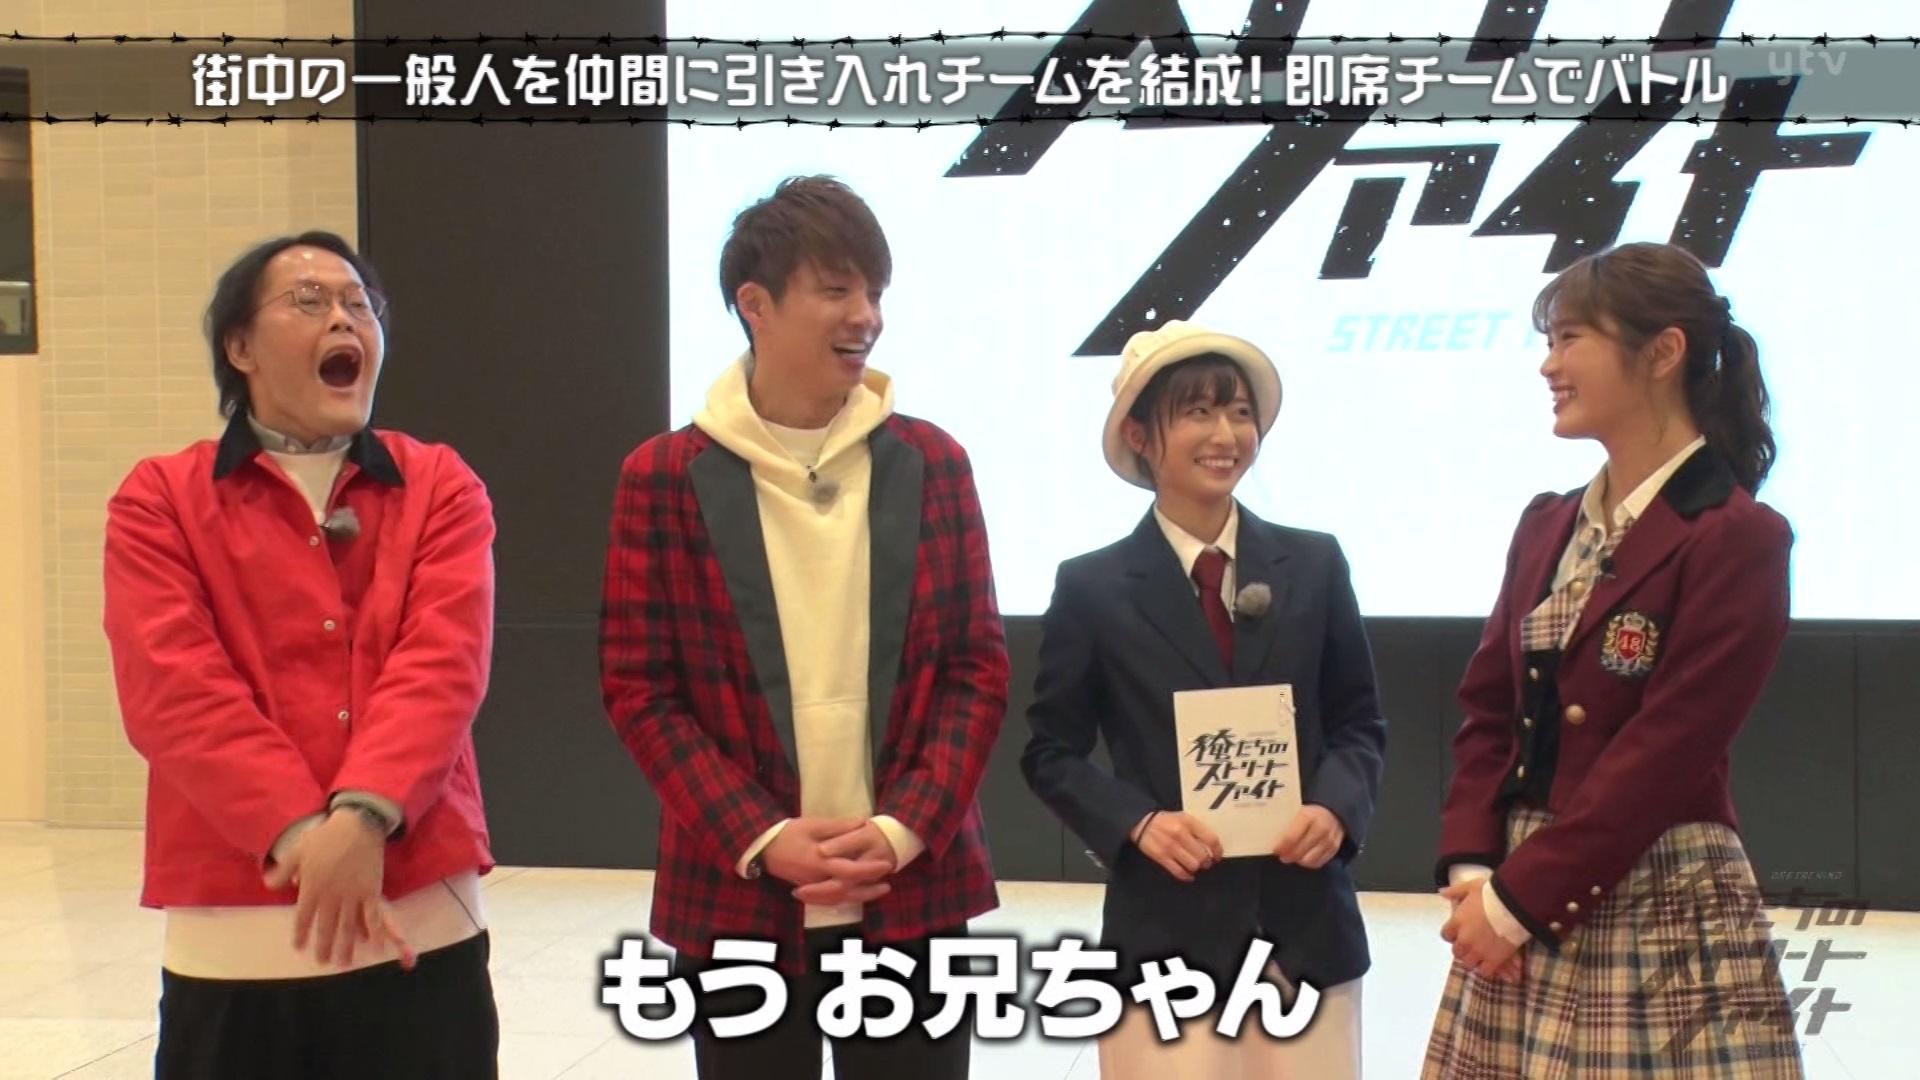 【渋谷凪咲】なぎさ出演 3月23日放送「俺たちのストリートファイト2」の画像